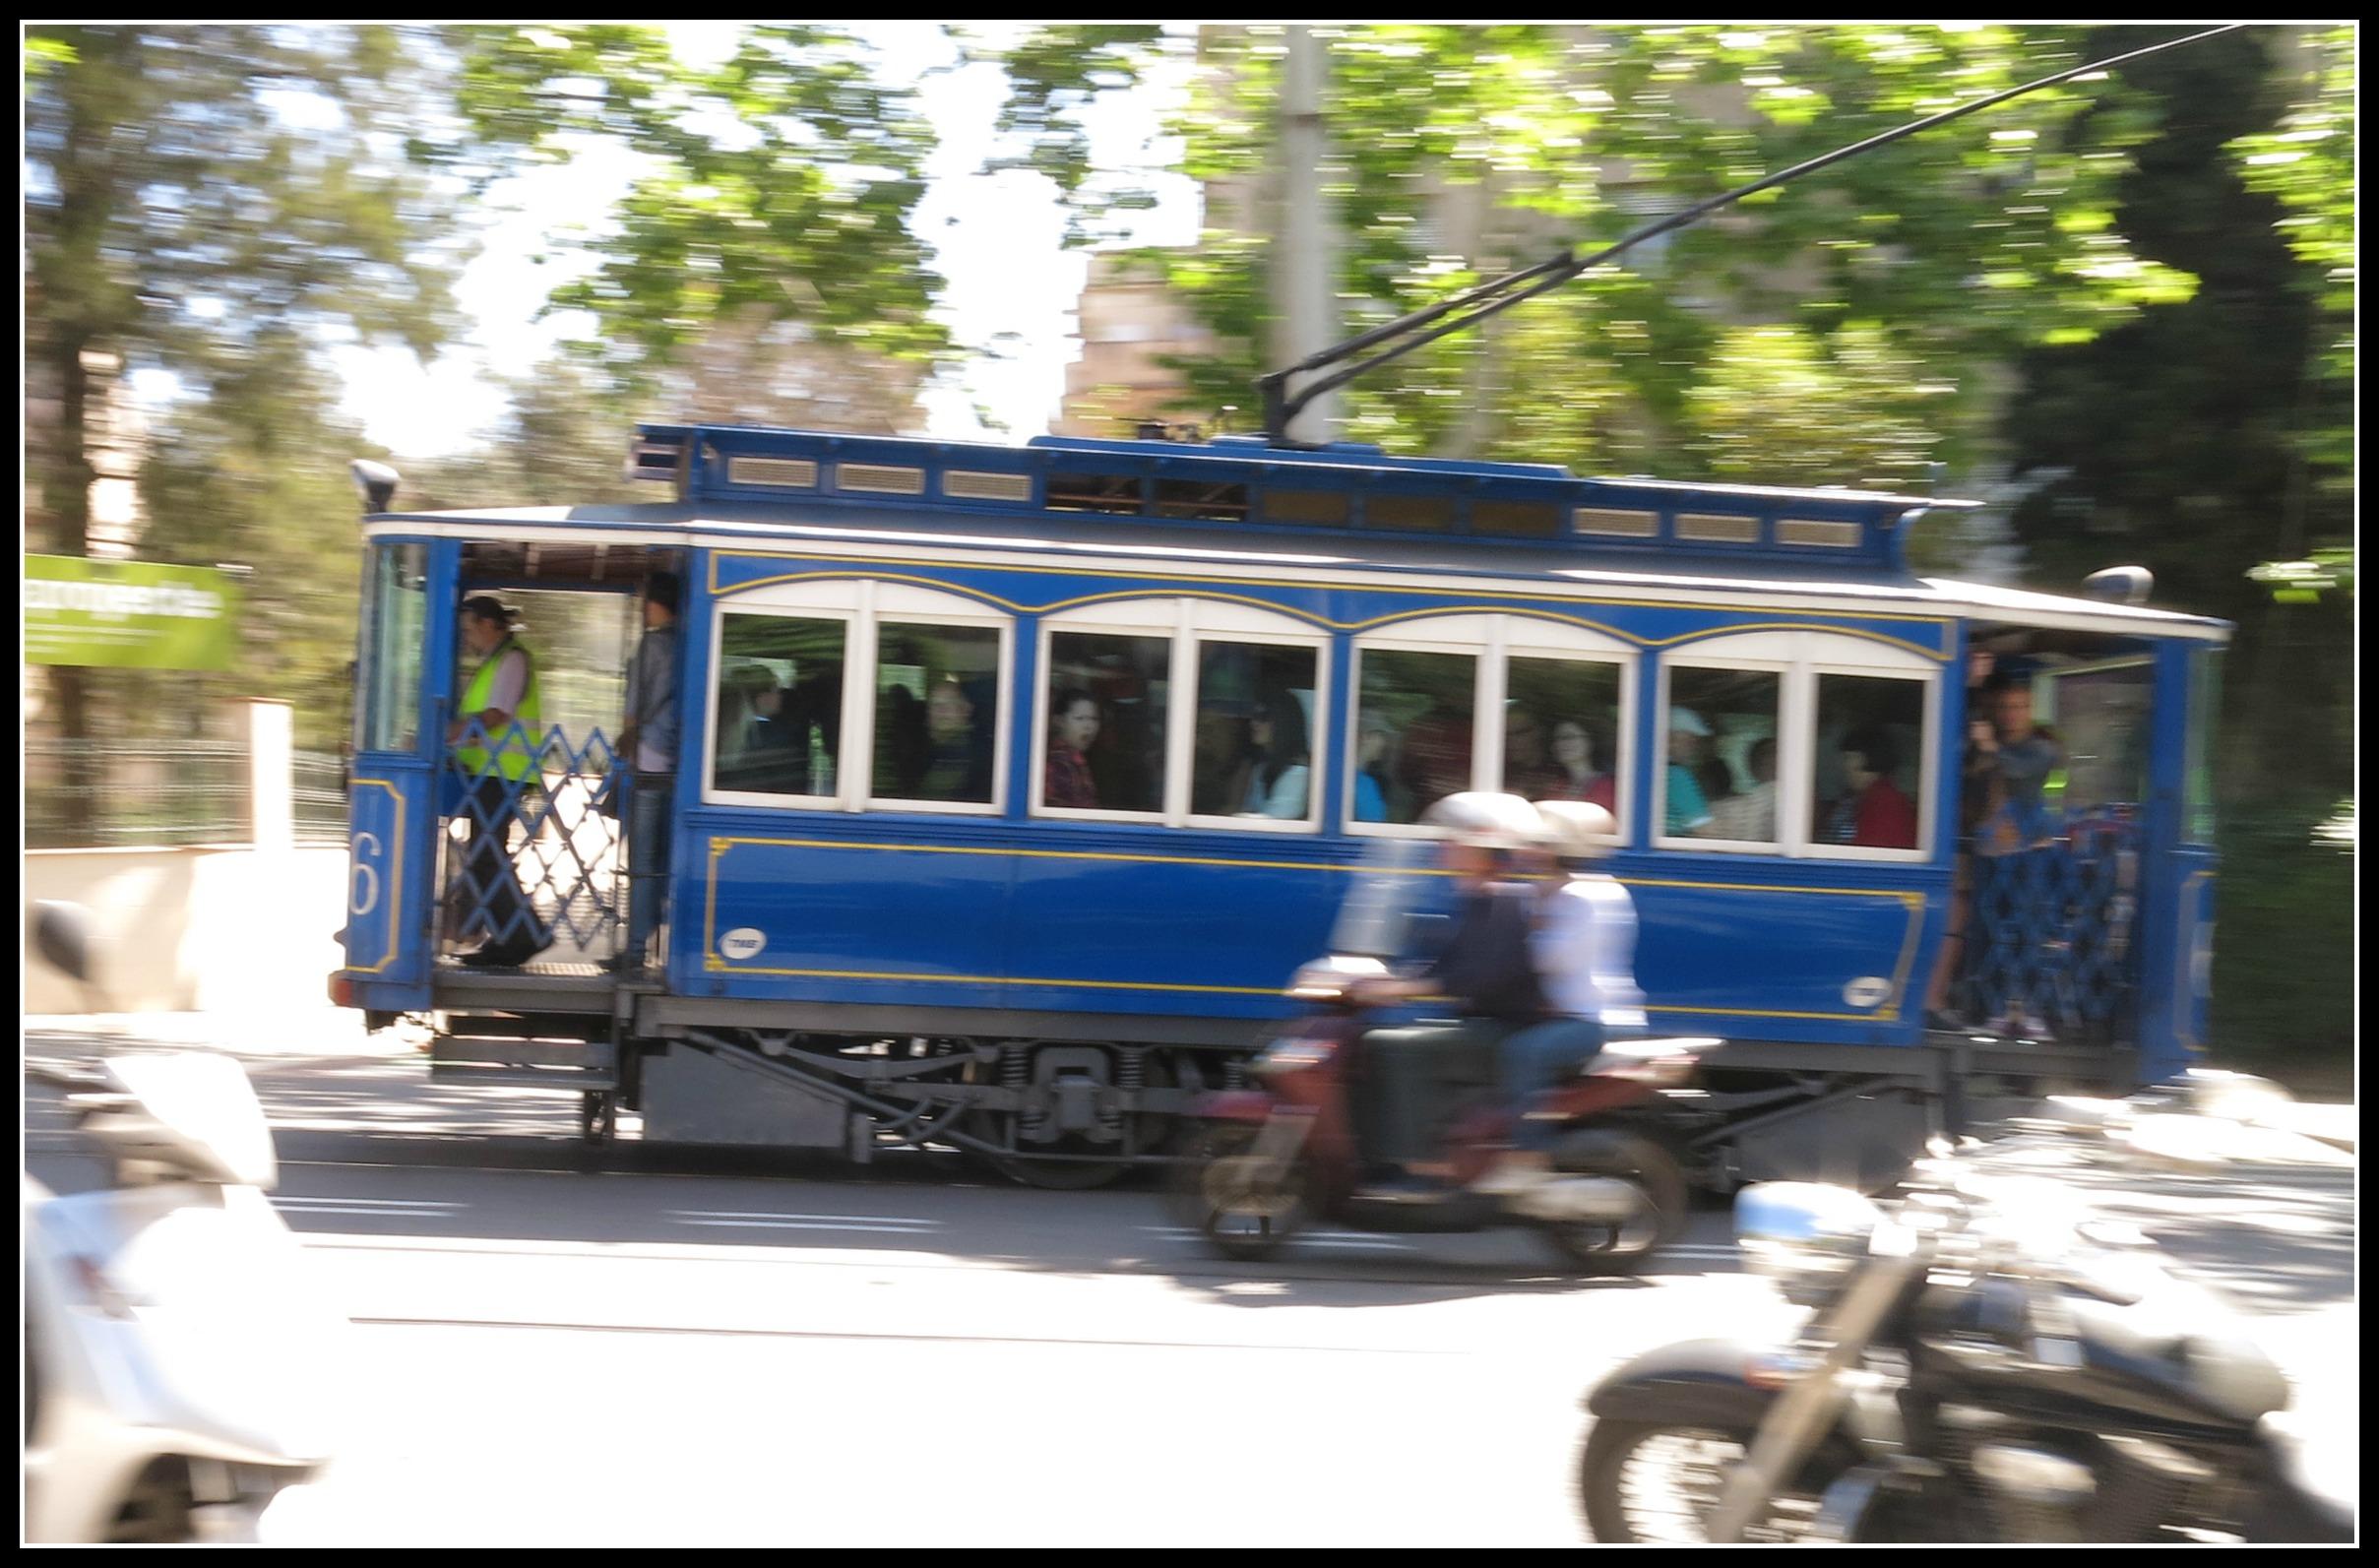 Le petit tram bleu centenaire qui mène à Tibidabo